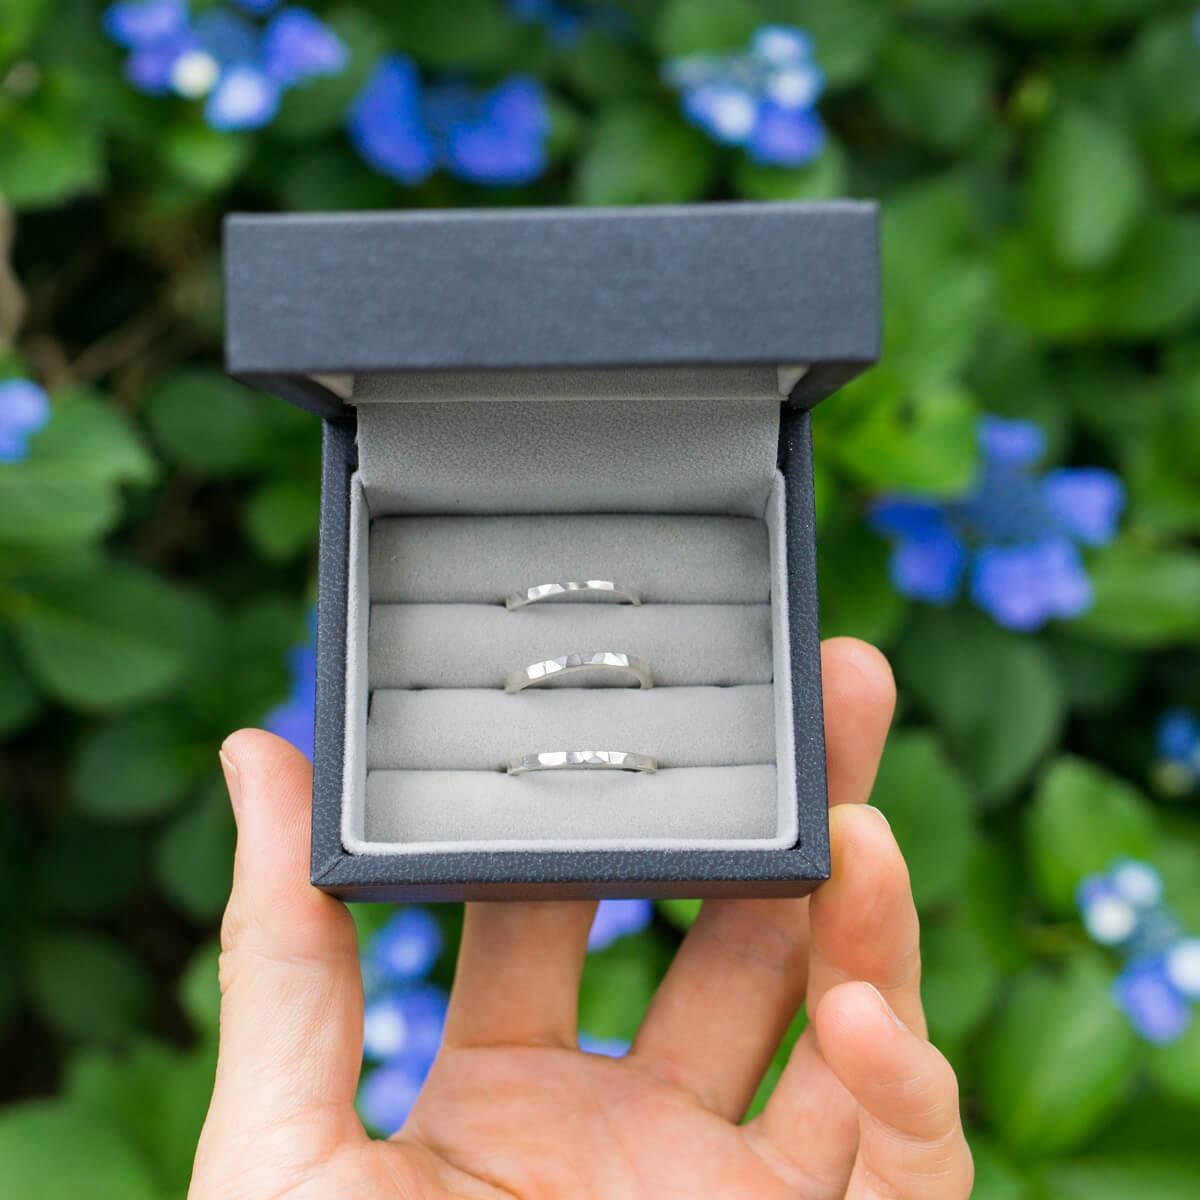 ケースの中にシルバーリング 病む島の紫陽花バック 手に持って オーダーメイドマリッジリングのサンプル 屋久島でつくる結婚指輪